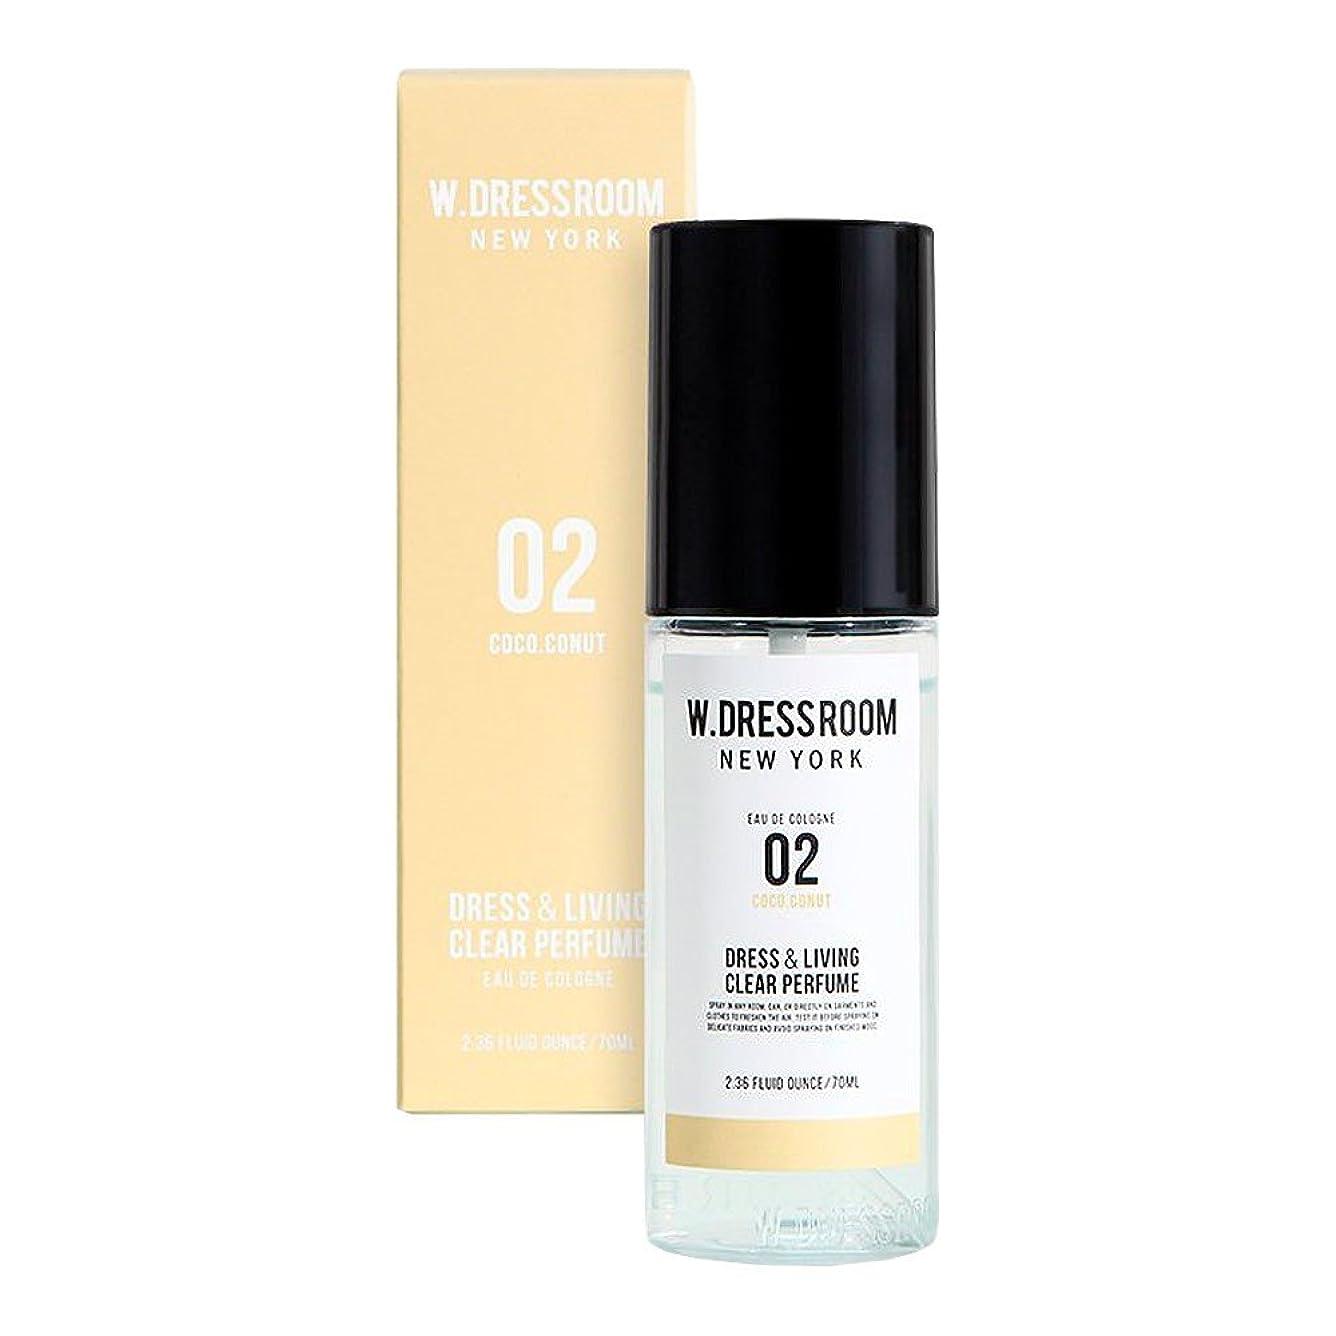 ページェント彫る部門W.DRESSROOM Dress & Living Clear Perfume fragrance 70ml (#No.02 Coco Conut) /ダブルドレスルーム ドレス&リビング クリア パフューム 70ml (#No.02 Coco Conut)